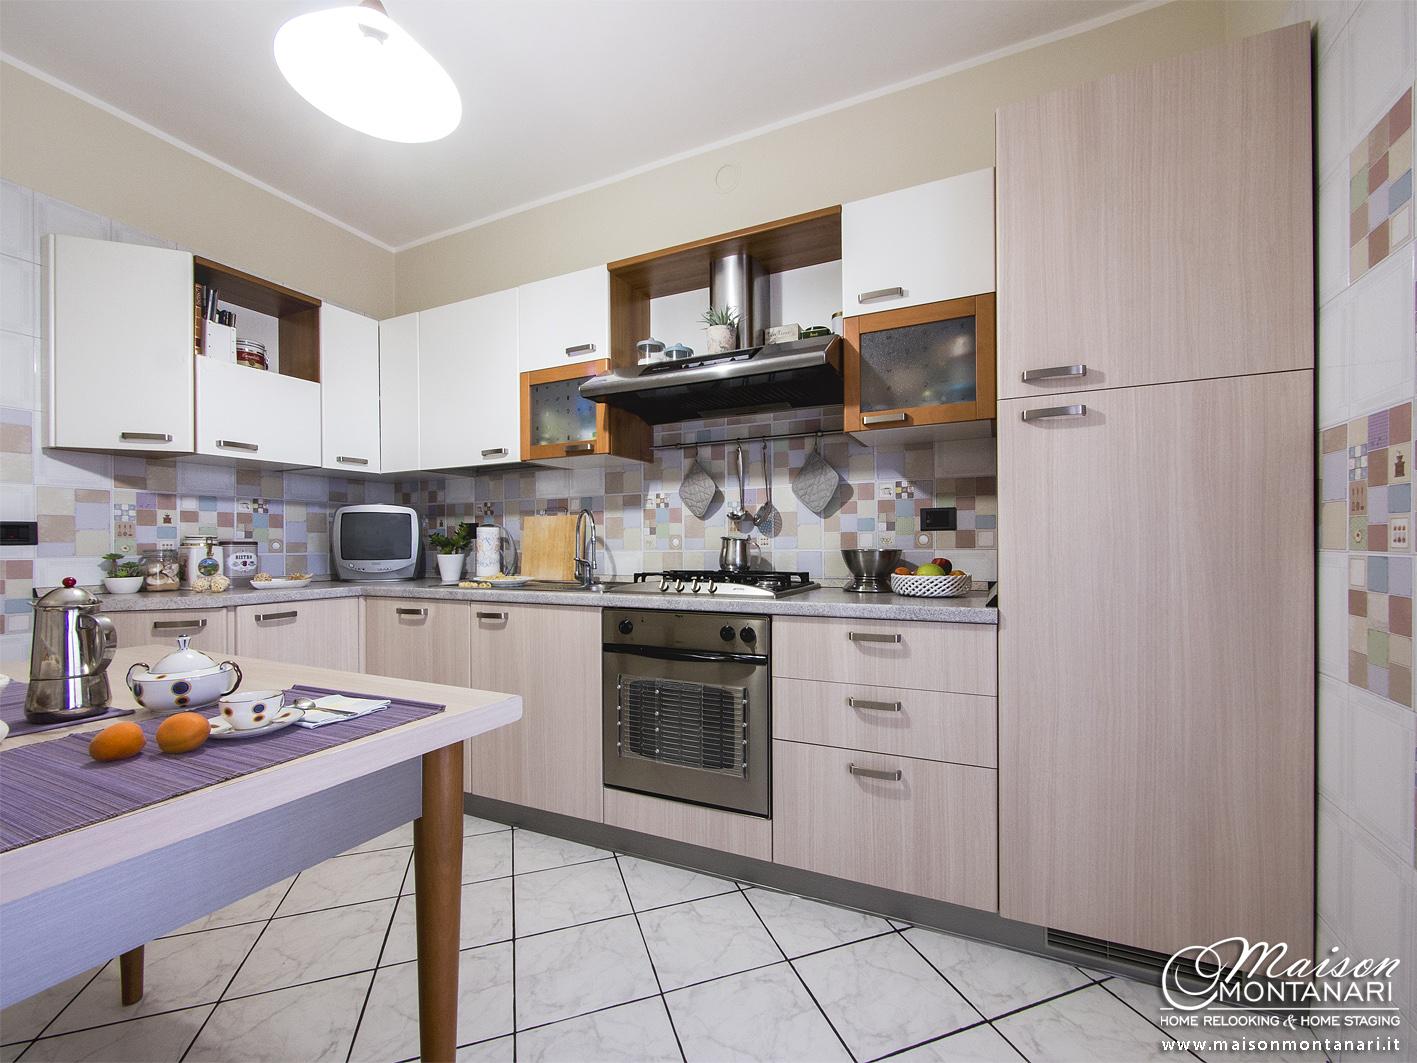 Piastrelle adesive per cucina con gullov com lavelli ad angolo per